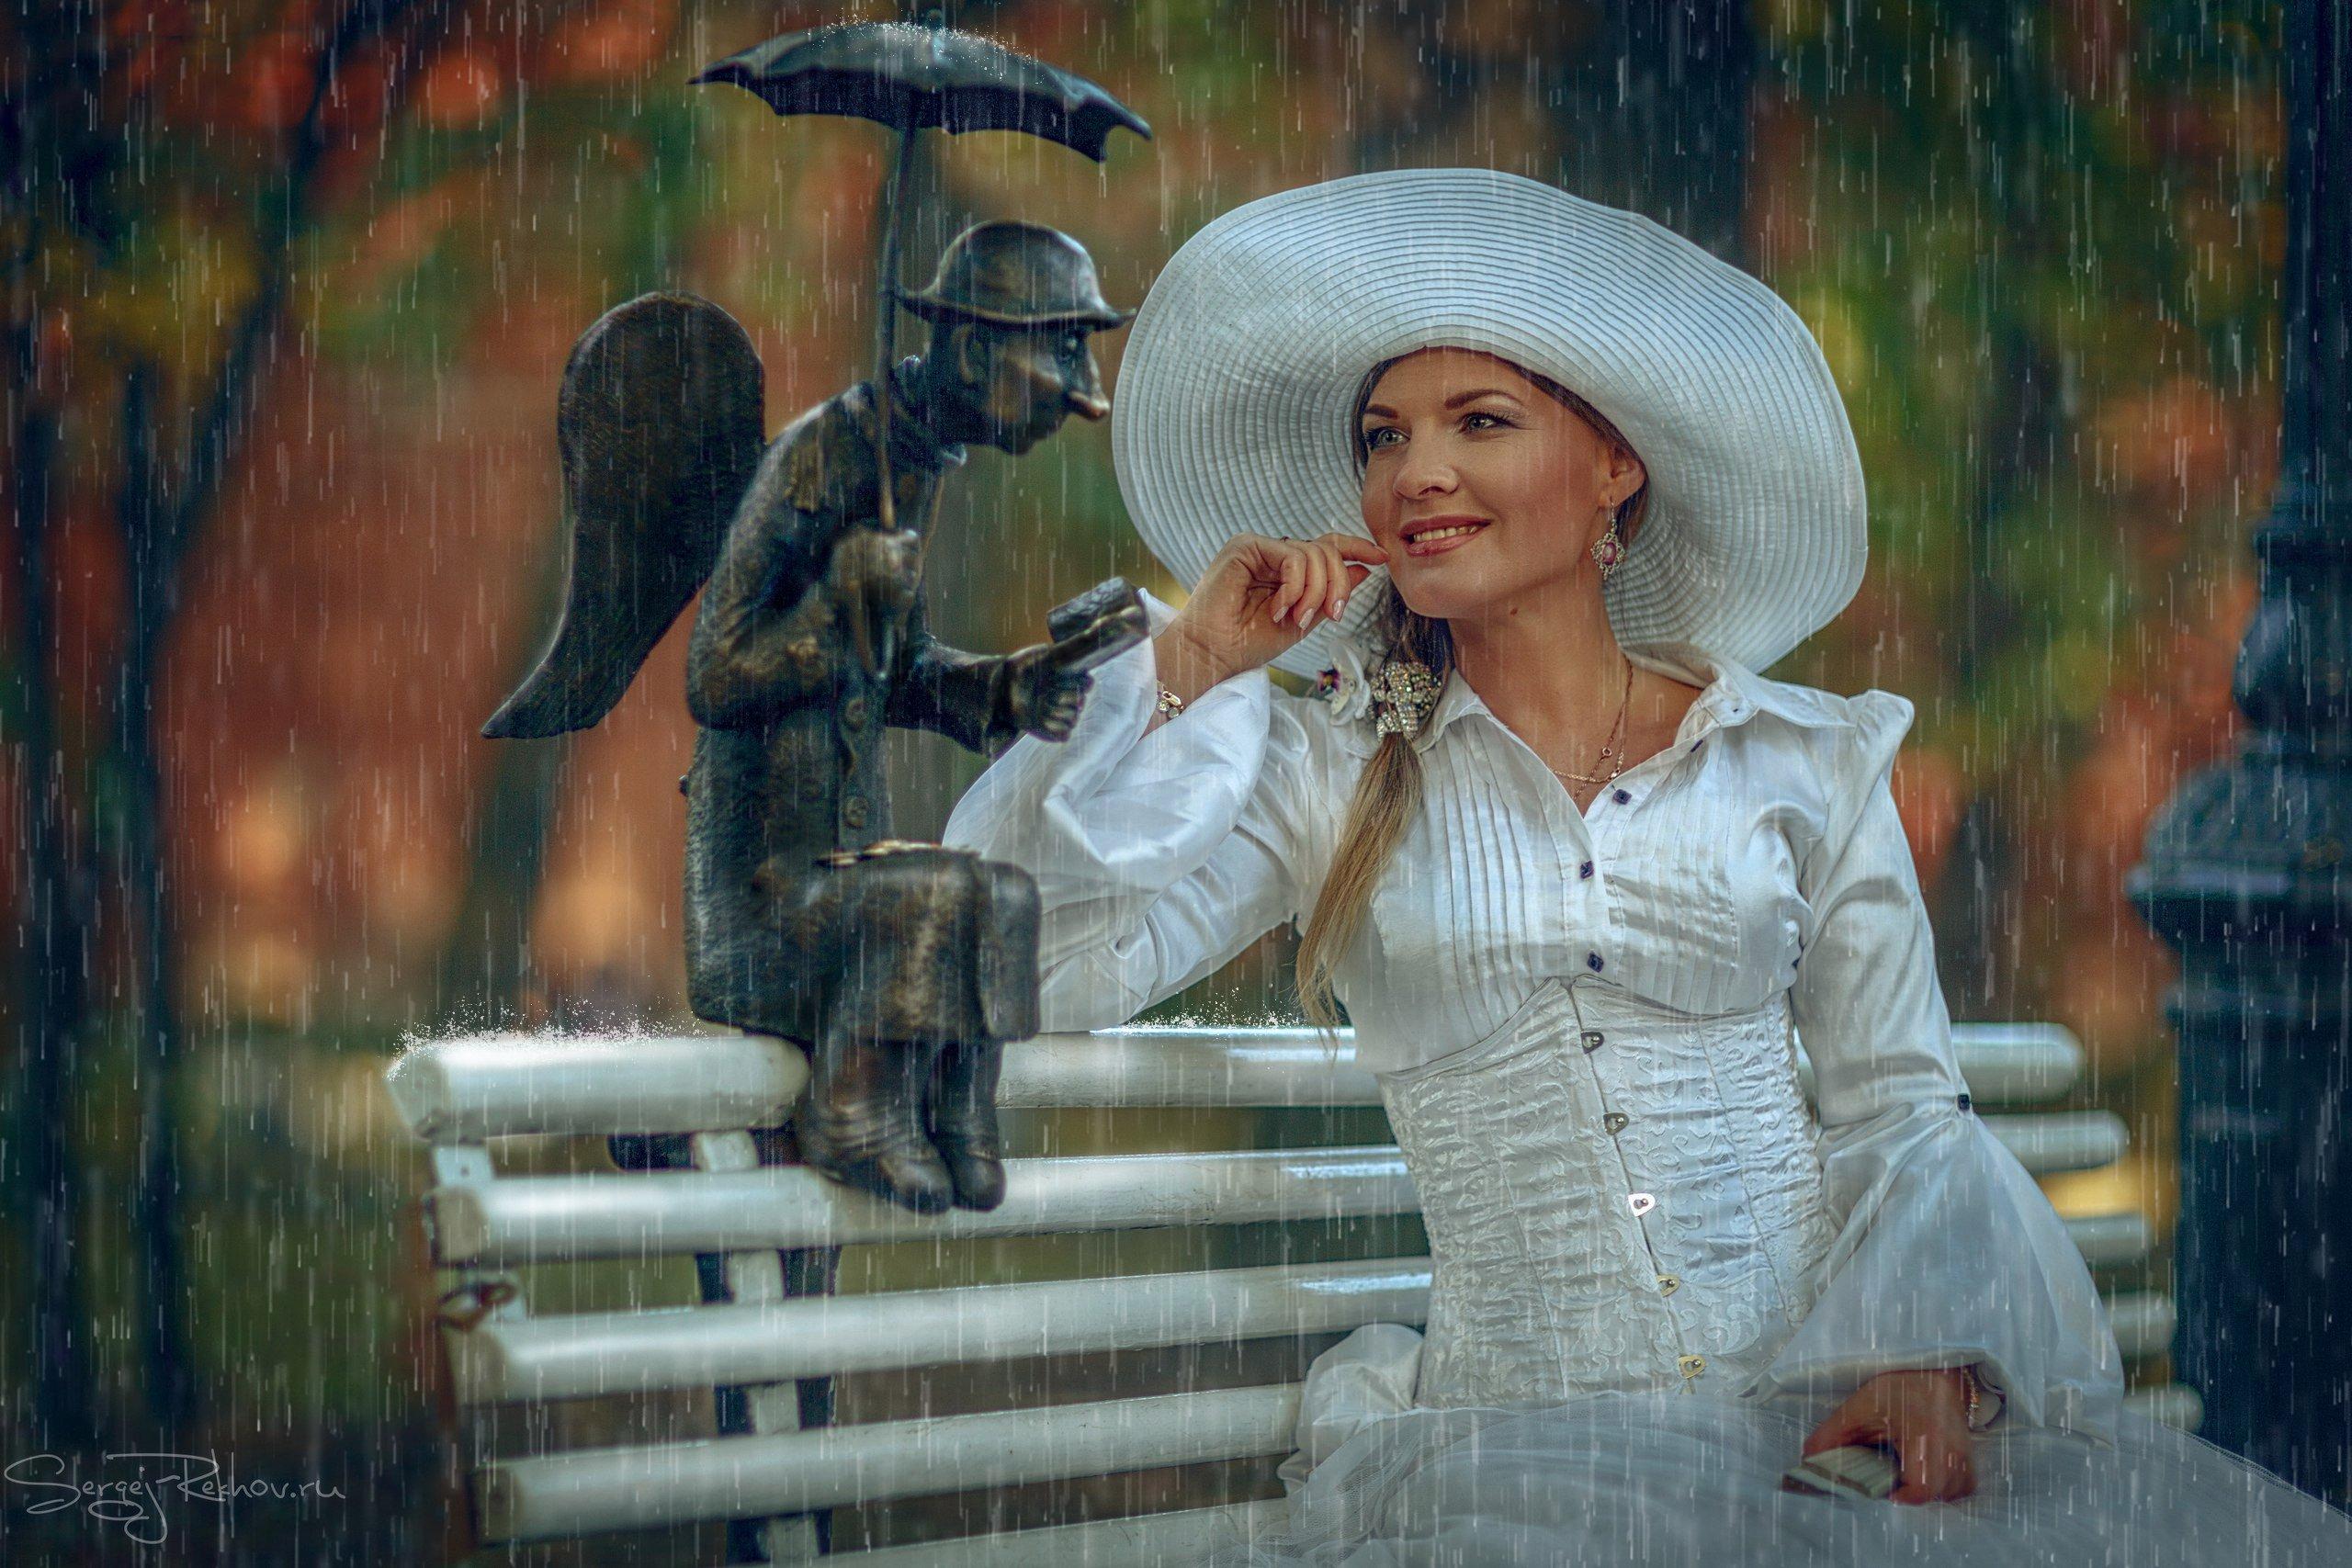 питер, санкт-петербург, дождь, ангел, спб, этопитердетка, рехов, сергейрехов, rekhov, sergejrekhov, Сергей Рехов